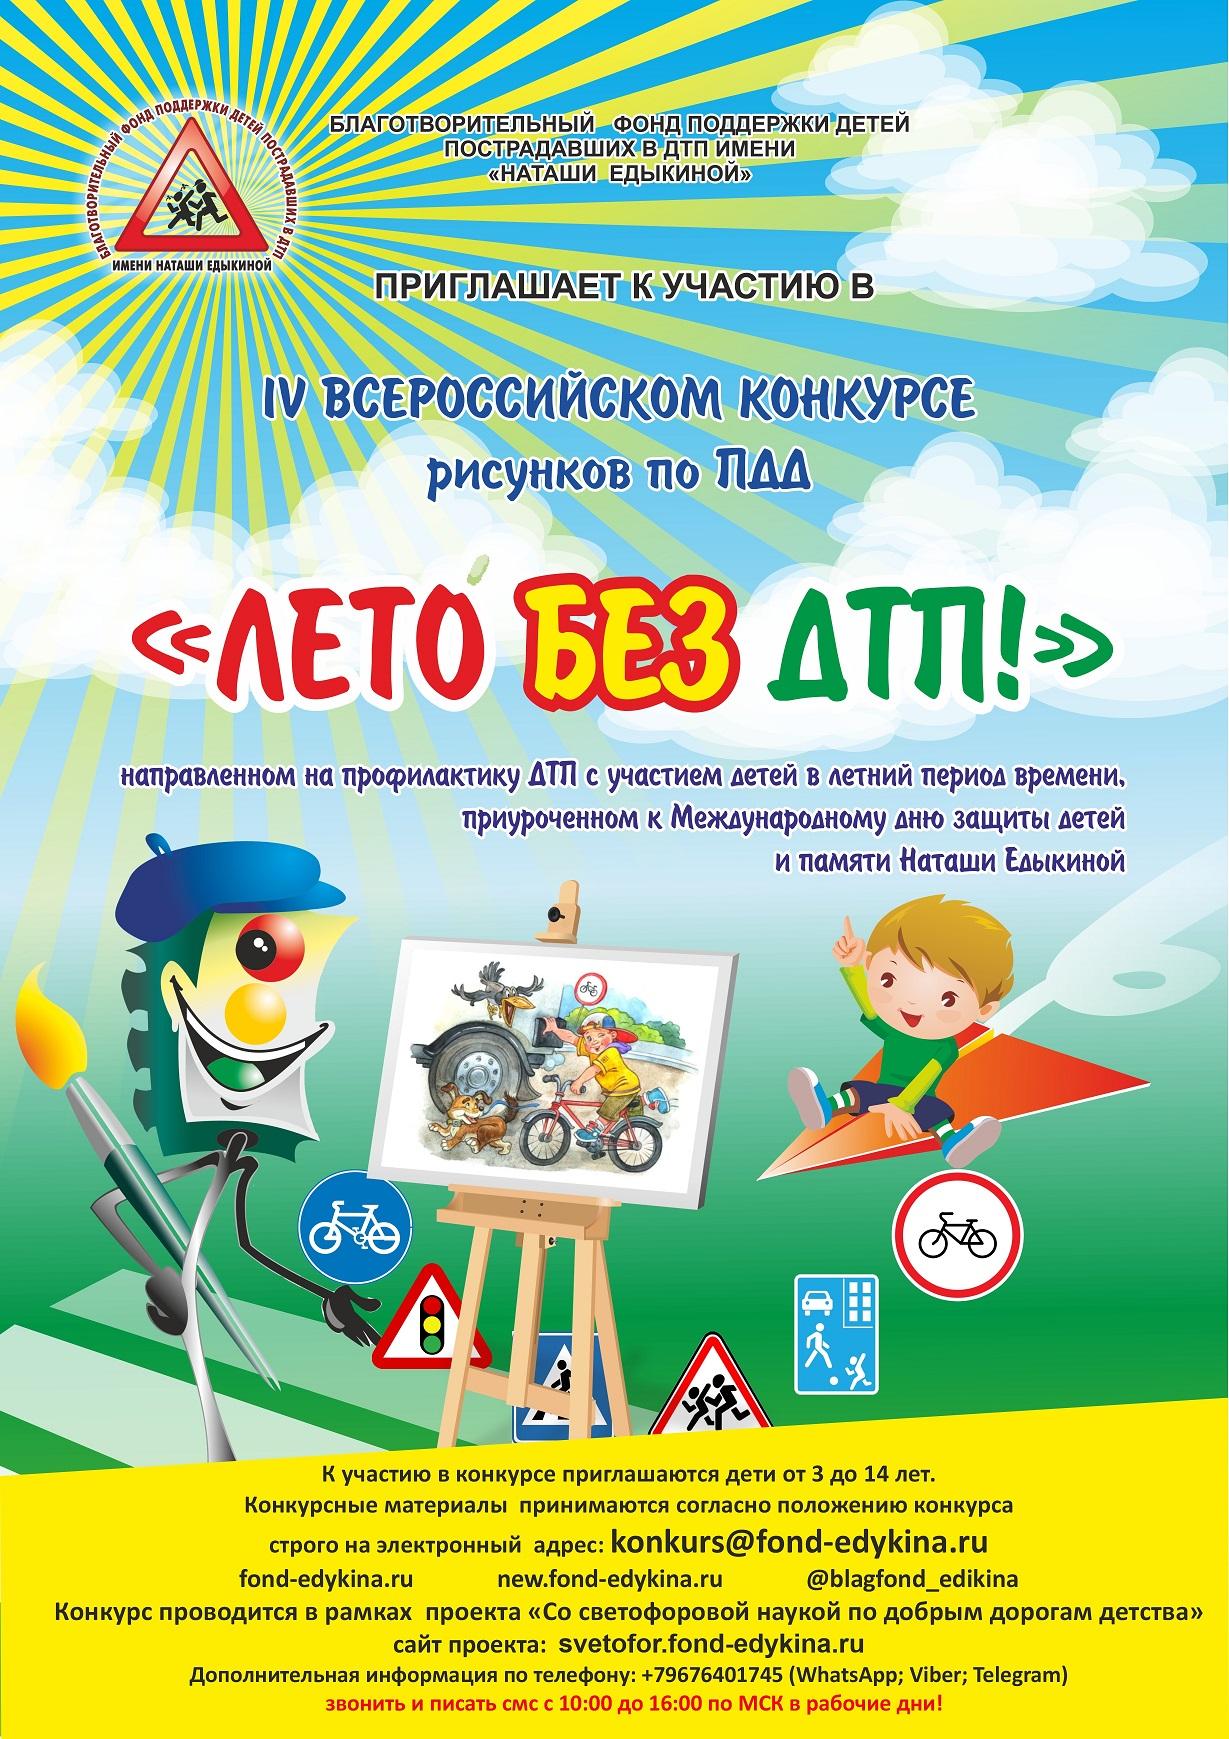 Прими участие в конкурсе «Лето без ДТП!»